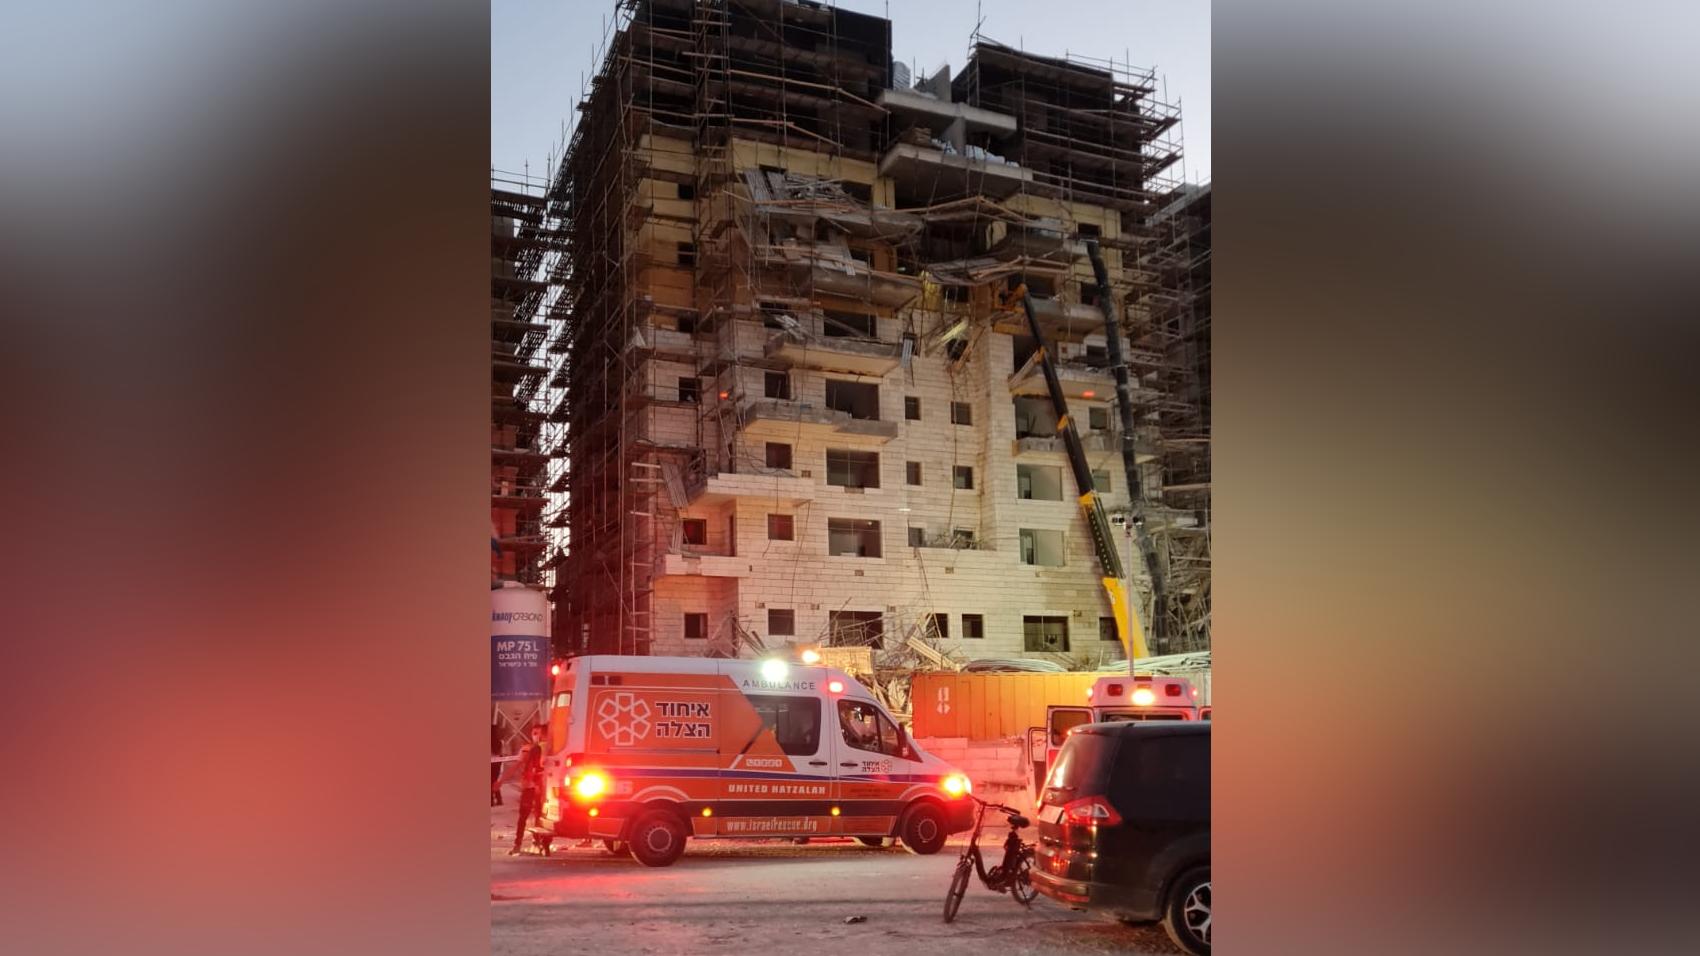 פצועים בקריסת פיגומים באתר בנייה בבית שמש – כוחות הוזעקו למקום